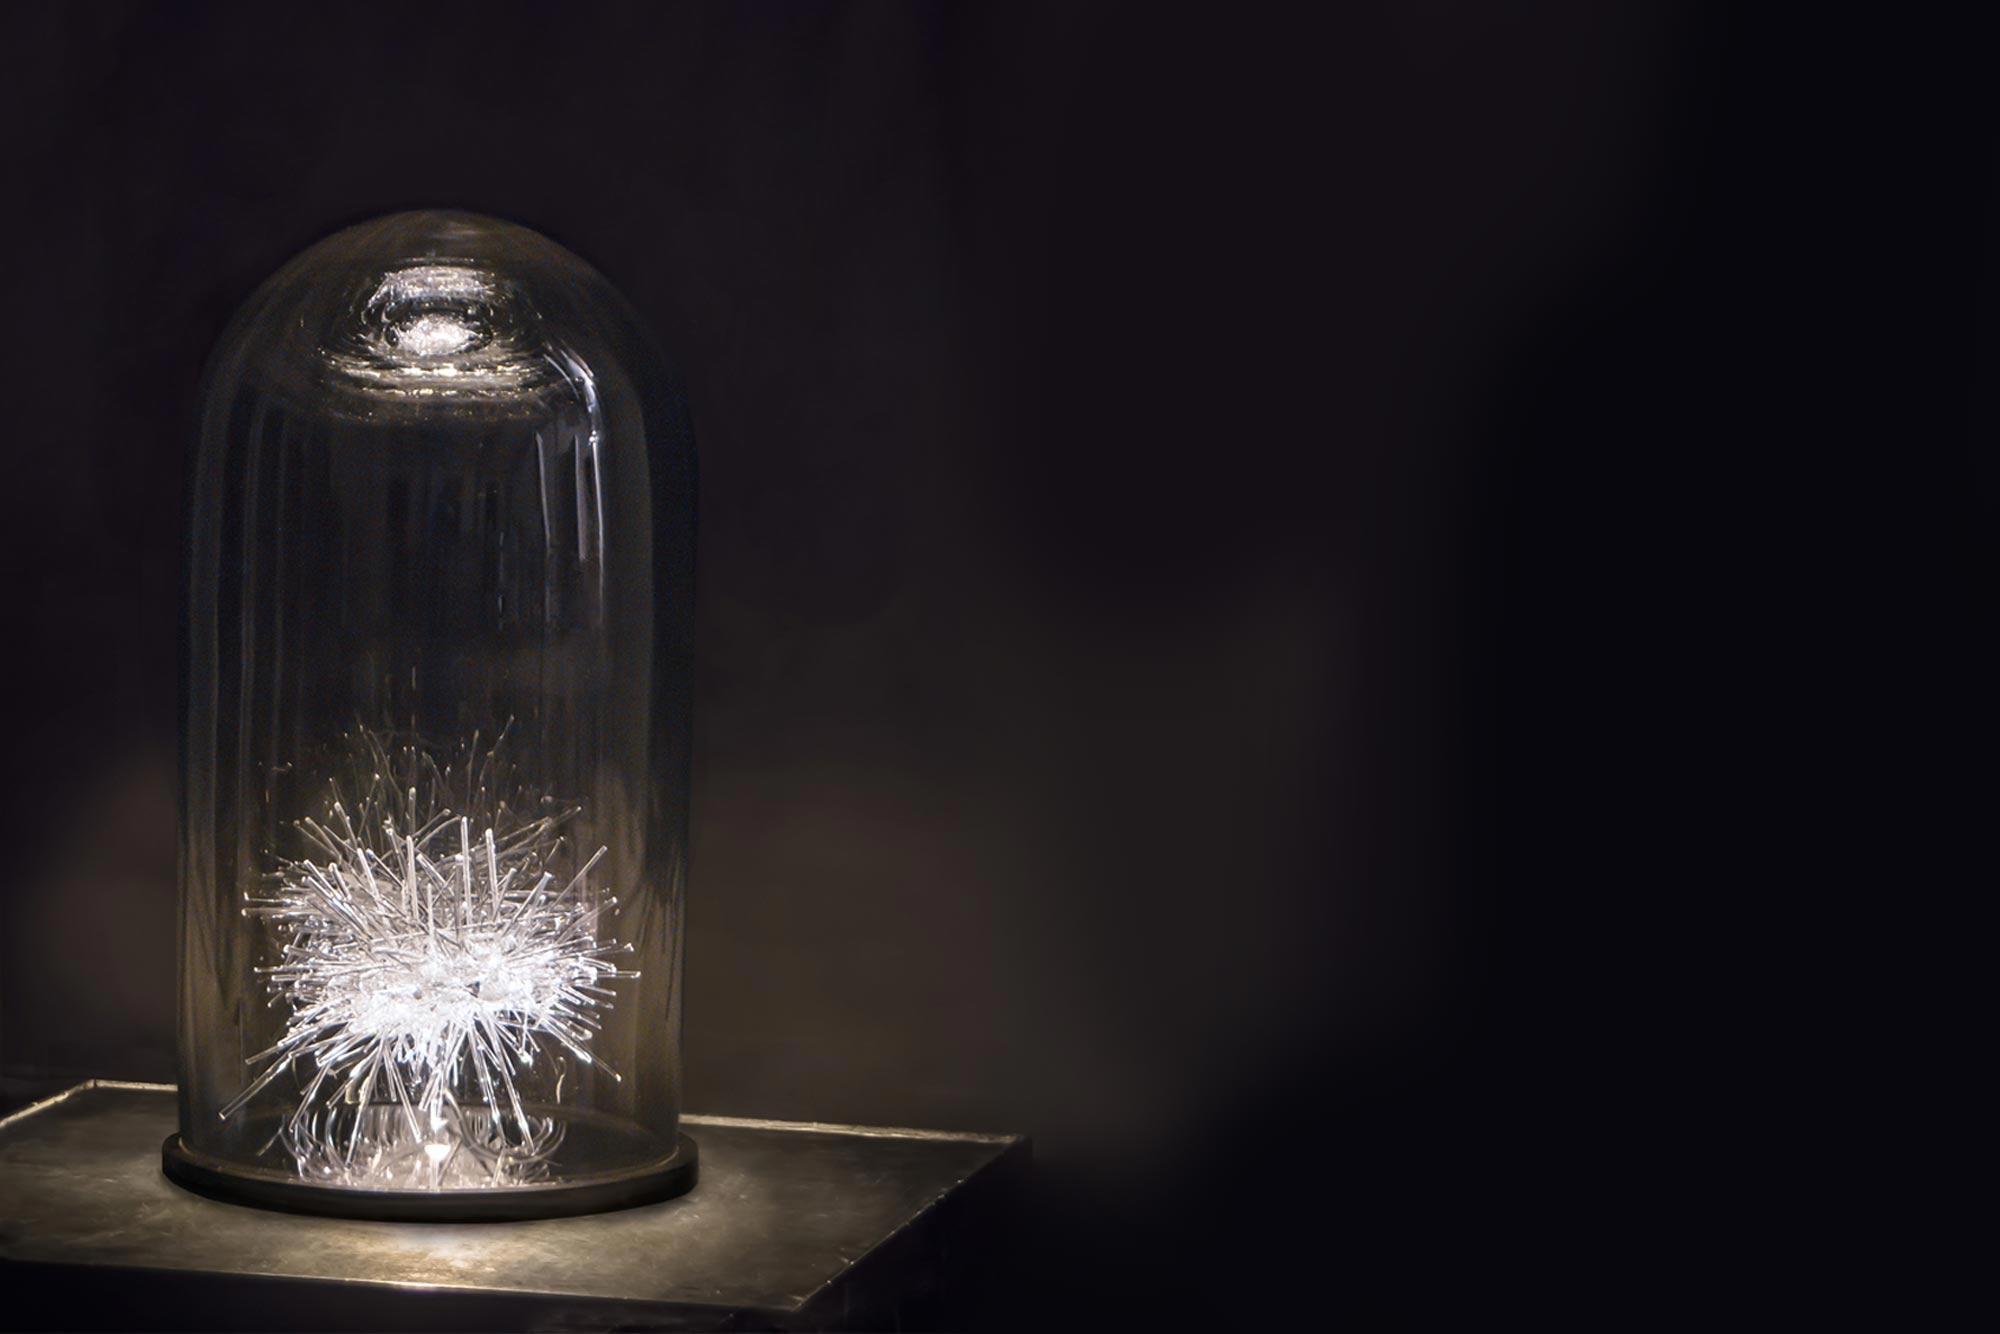 Leuchtobjekt Glas